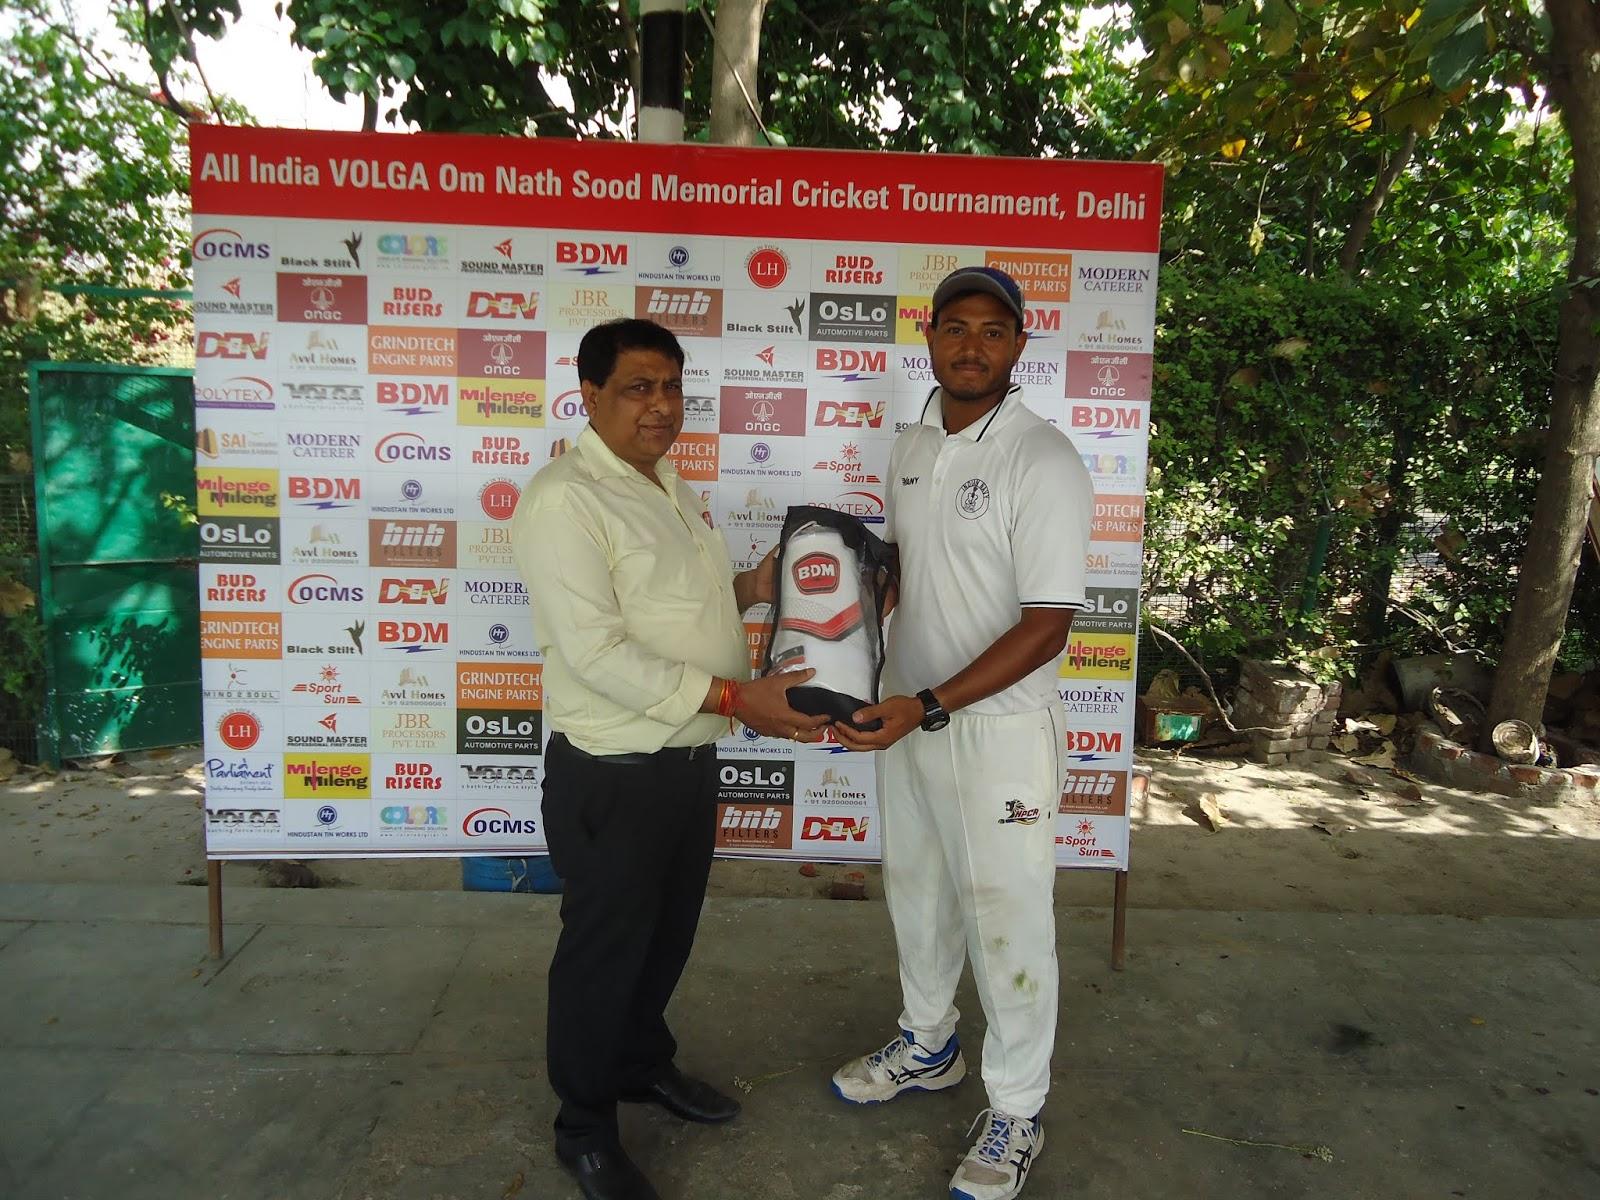 रवि ठाकुर की जाँबाज बल्लेबाजी, दिल्ली कोल्ट्स सूद क्रिकेट के प्री-क्वॉर्टर फाइनल में